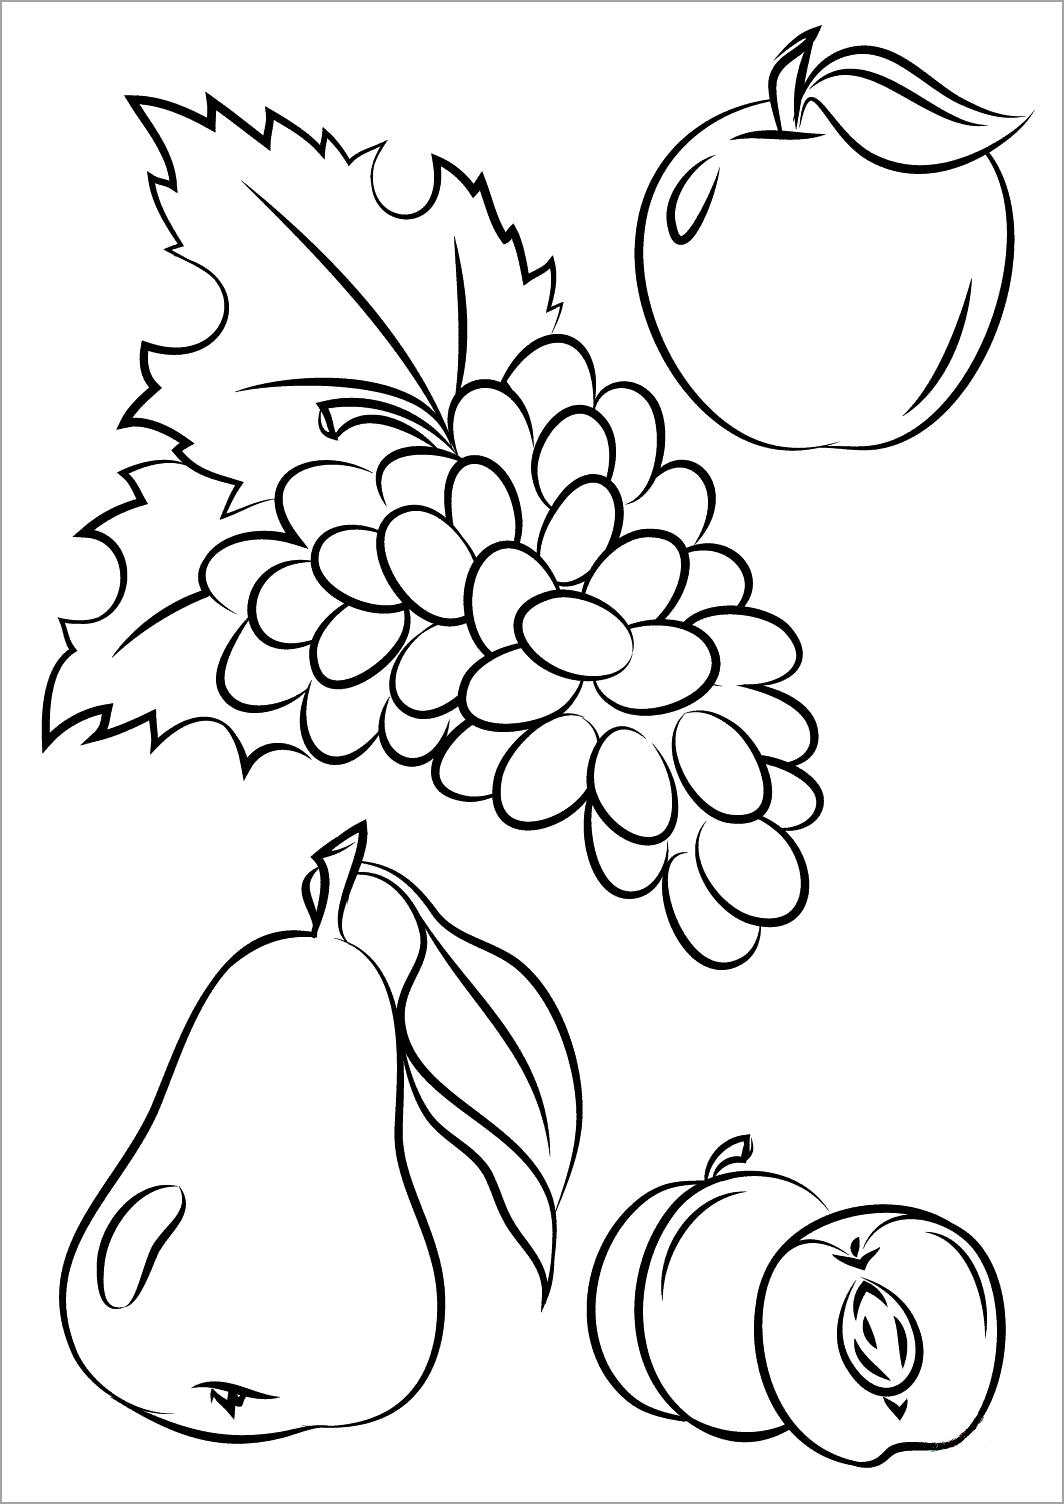 Tranh tô màu một số loại hoa quả